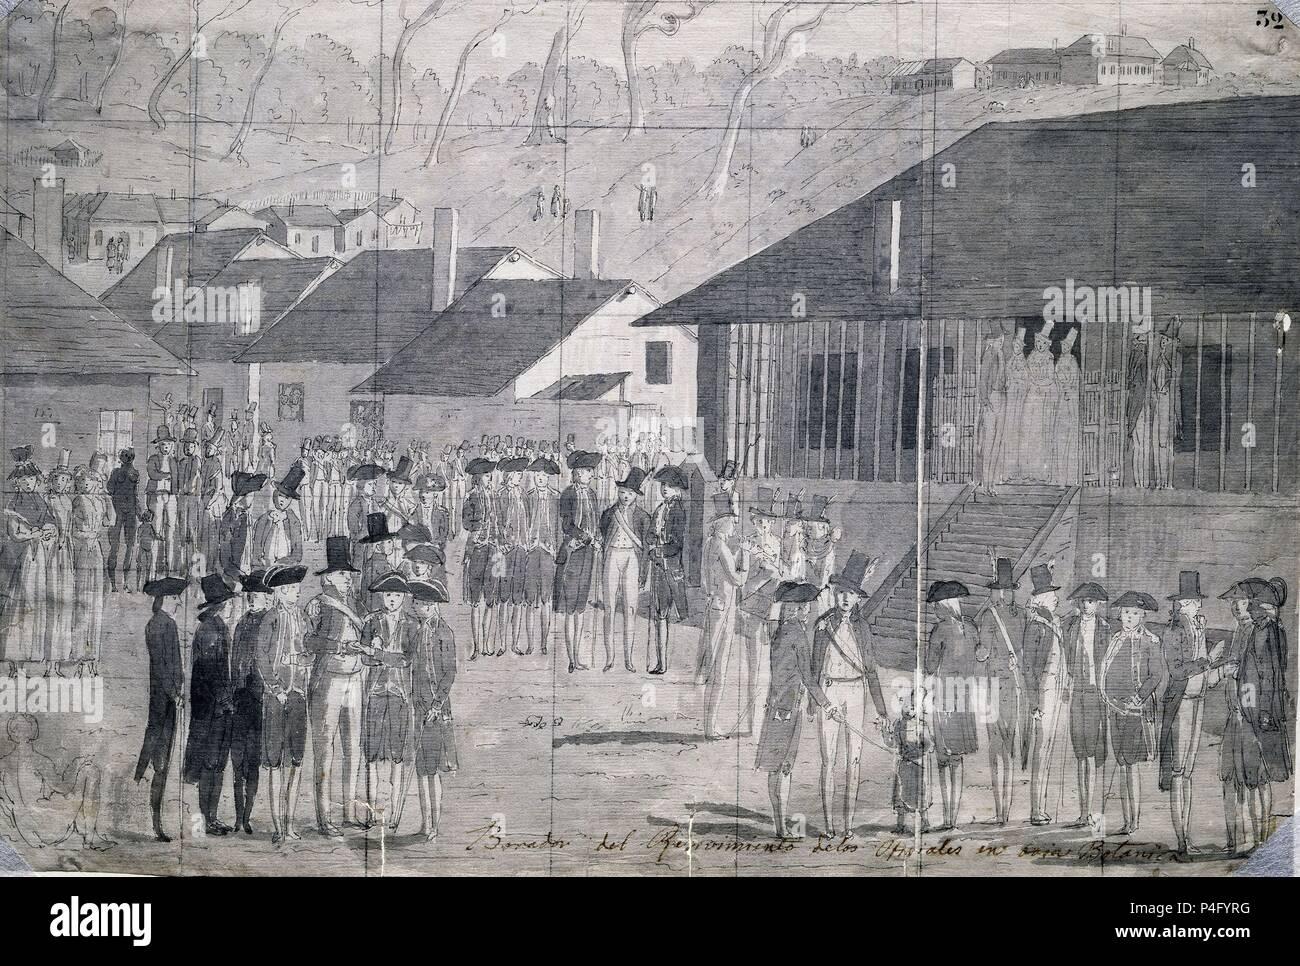 BORRADOR DEL RECIBIMIENTO DE LOS OFICIALES EN BAHIA BOTANICA - DIBUJO - SIGLO XVIII - EXPEDICION MALASPINA - PAPEL VERJURADO. Author: Juan Ravenet (1766-1821). Location: MUSEO DE AMERICA-COLECCION, MADRID, SPAIN. Stock Photo